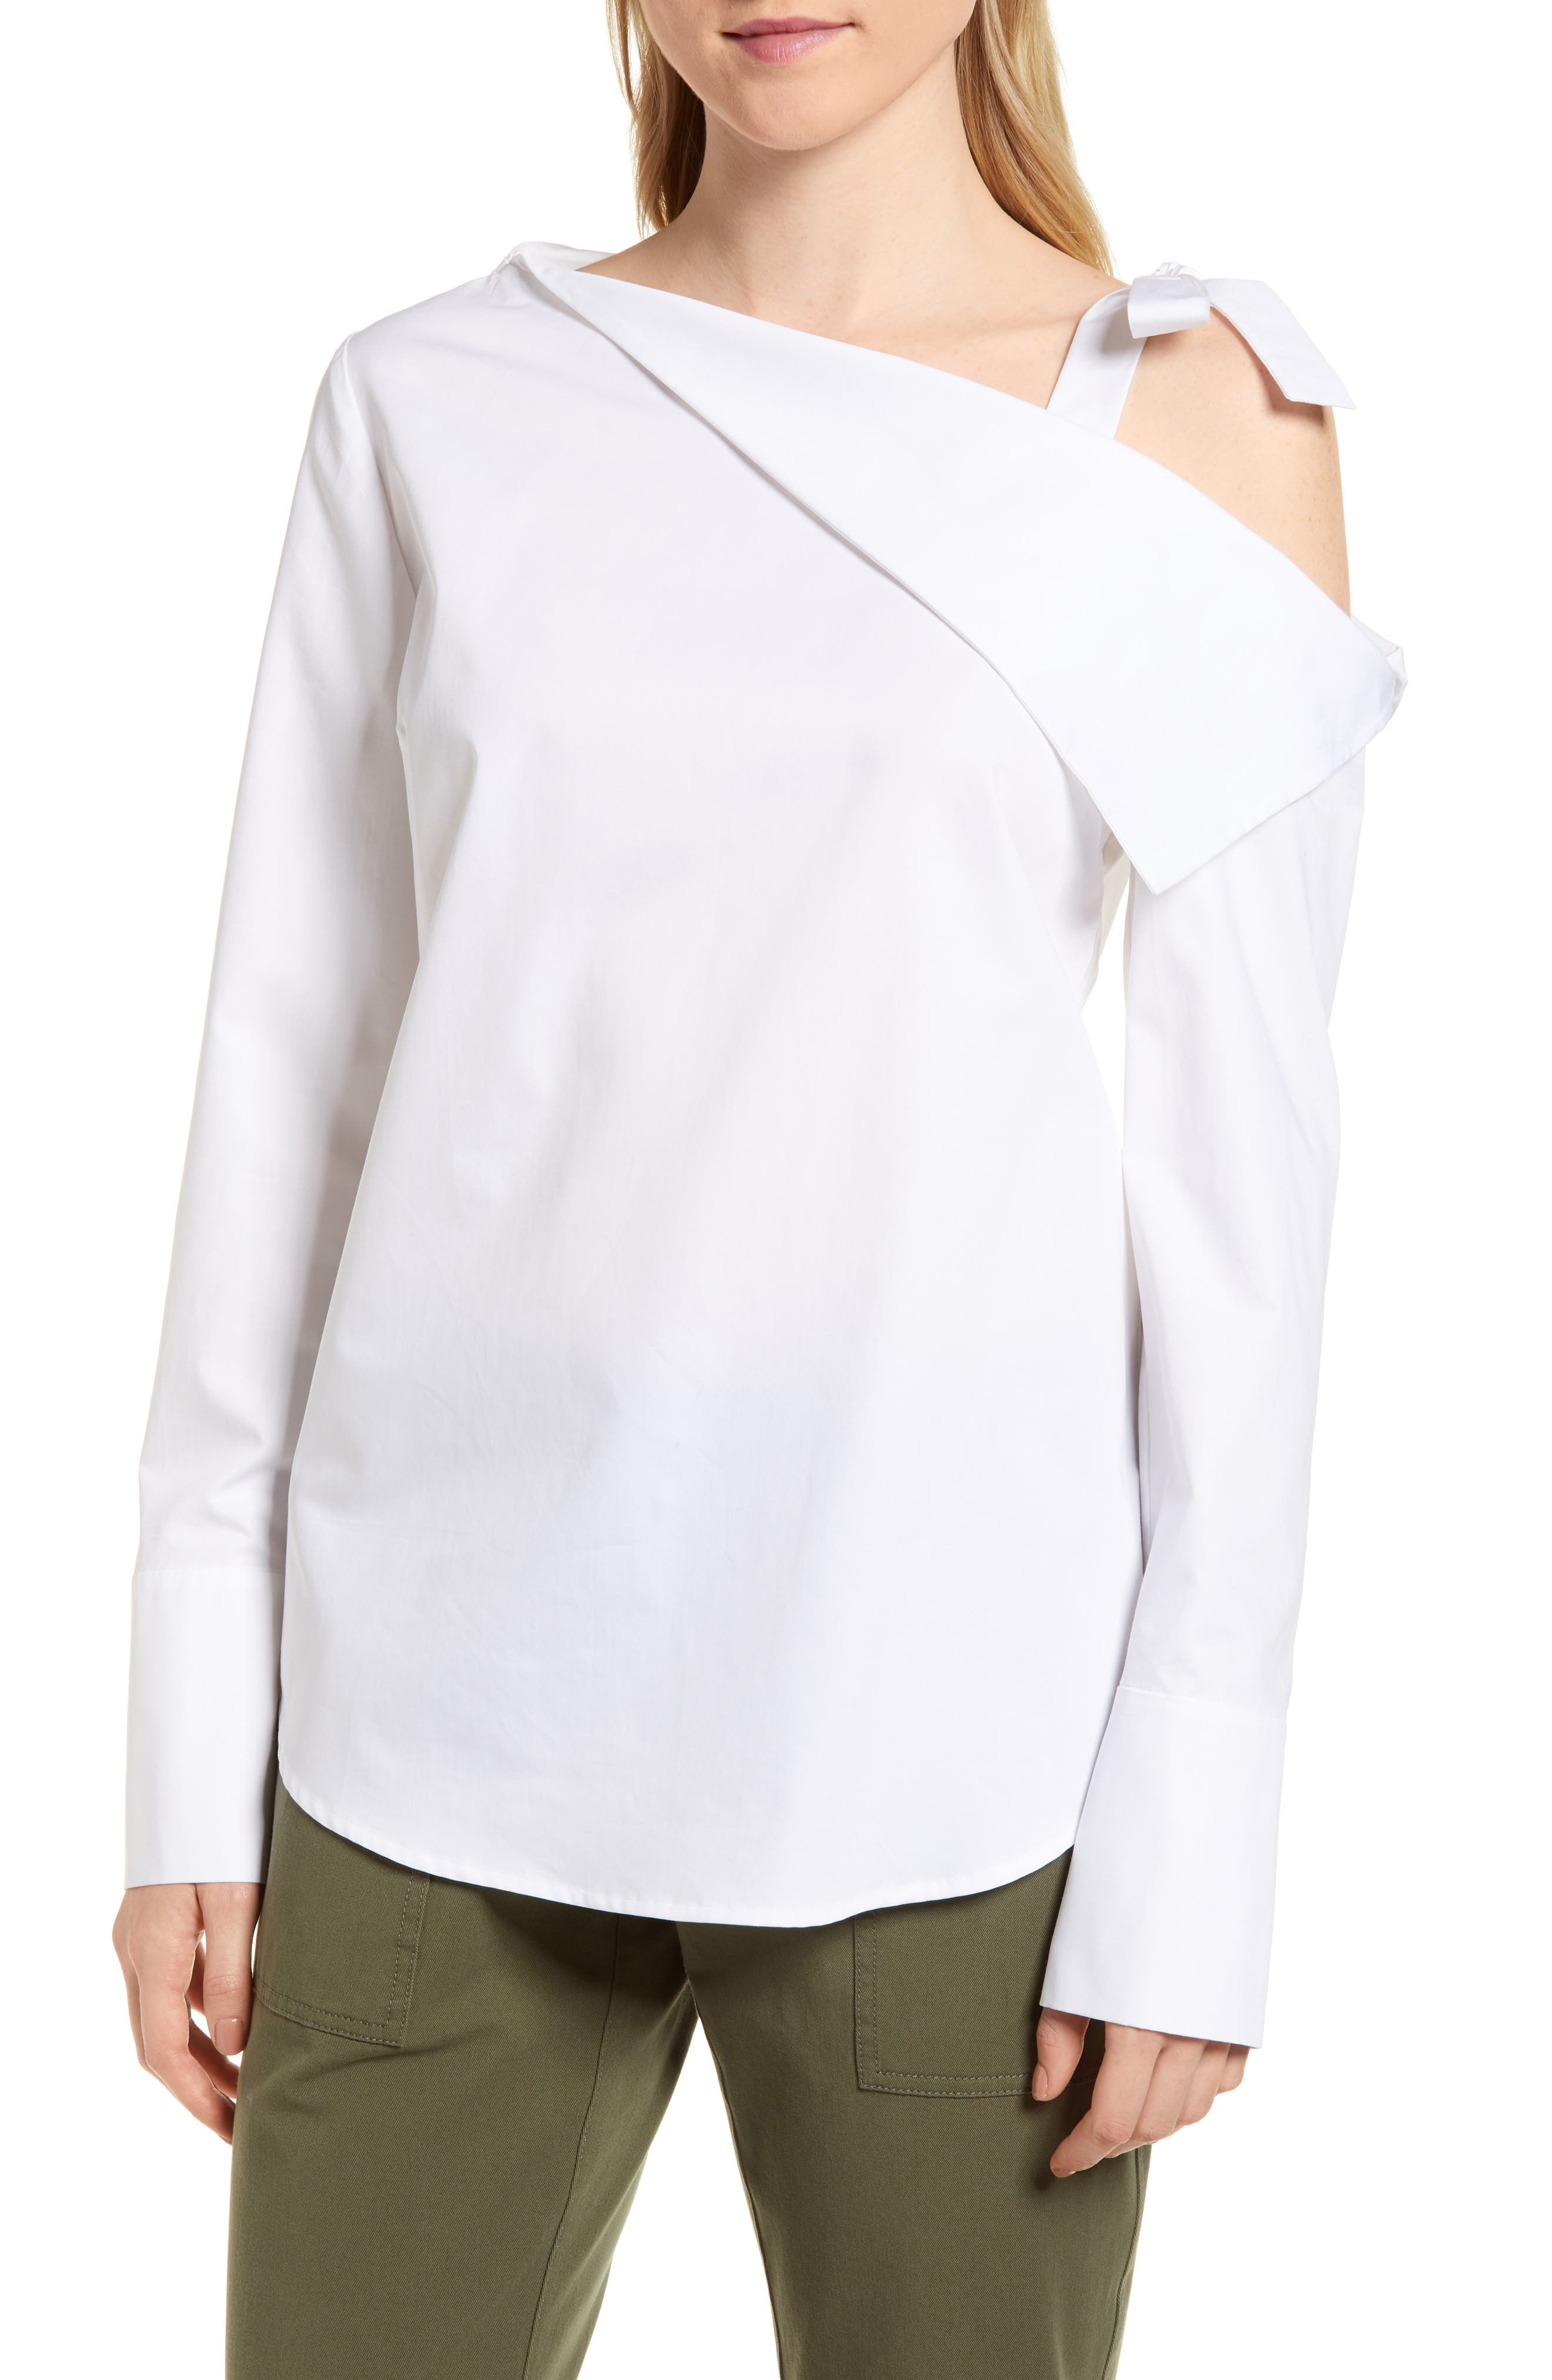 Nordstrom Signature One-Shoulder Shirt